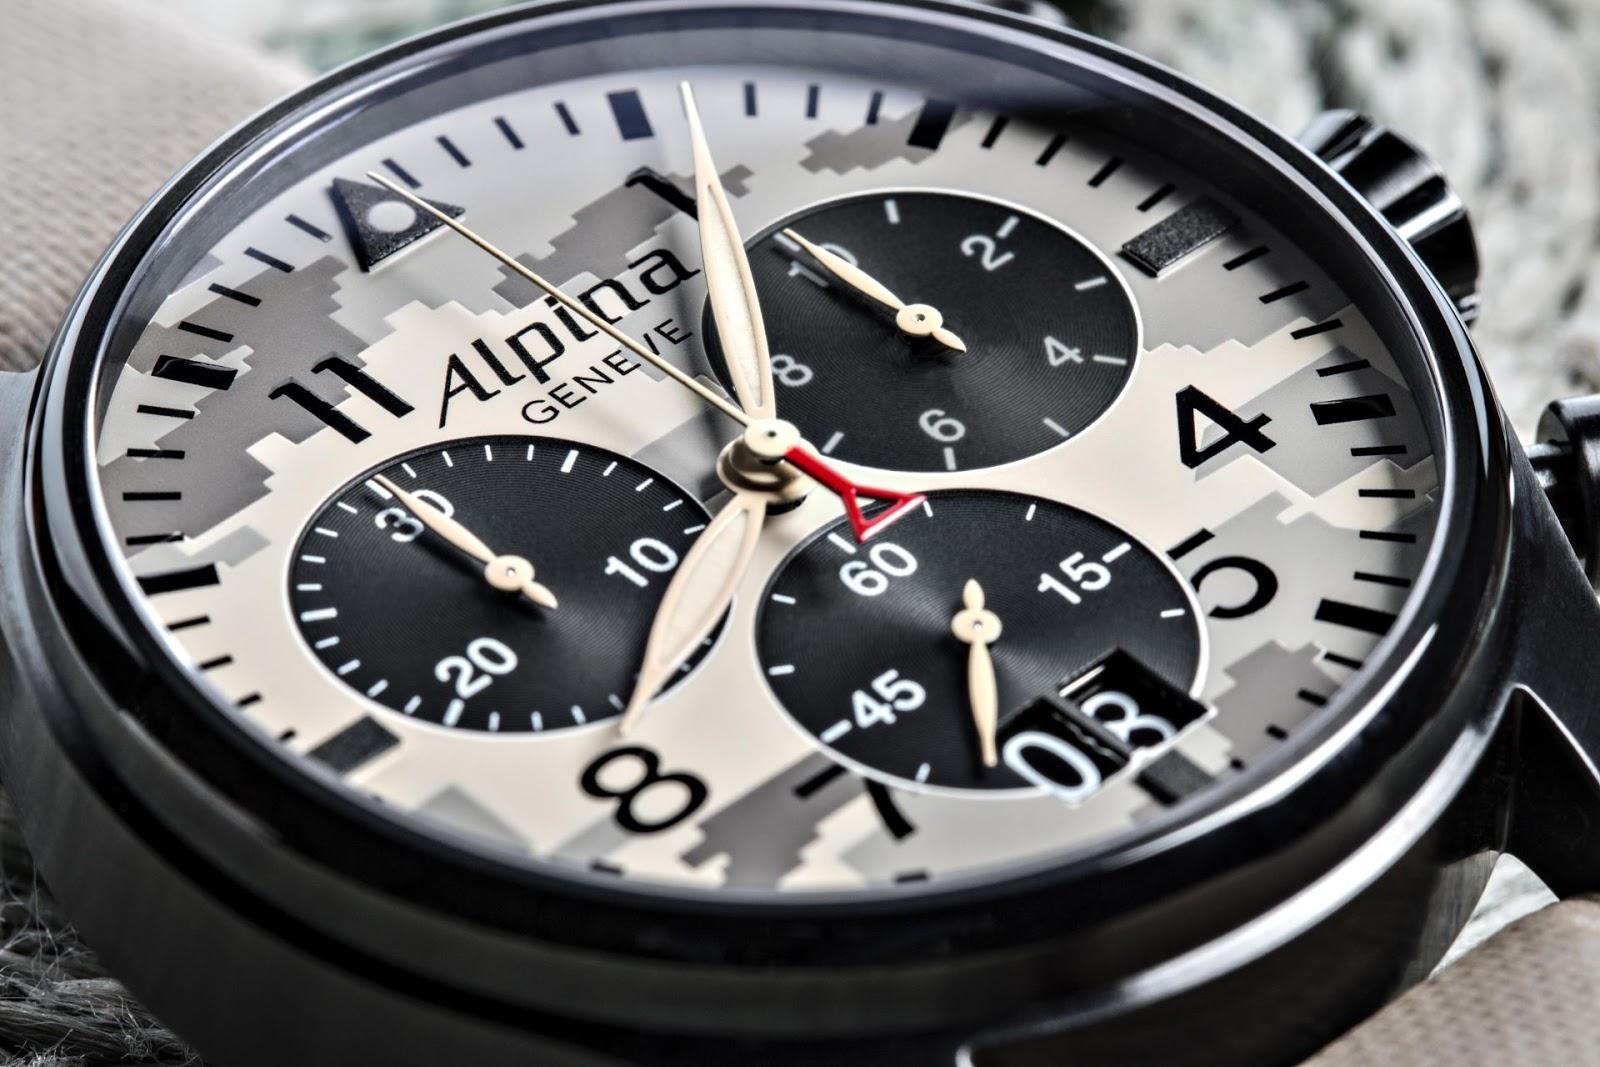 Naziv: 2Alpina Startimer Camouflage Pilot Big Date Chronograph 2.jpg, pregleda: 307, veličina: 235,0 KB